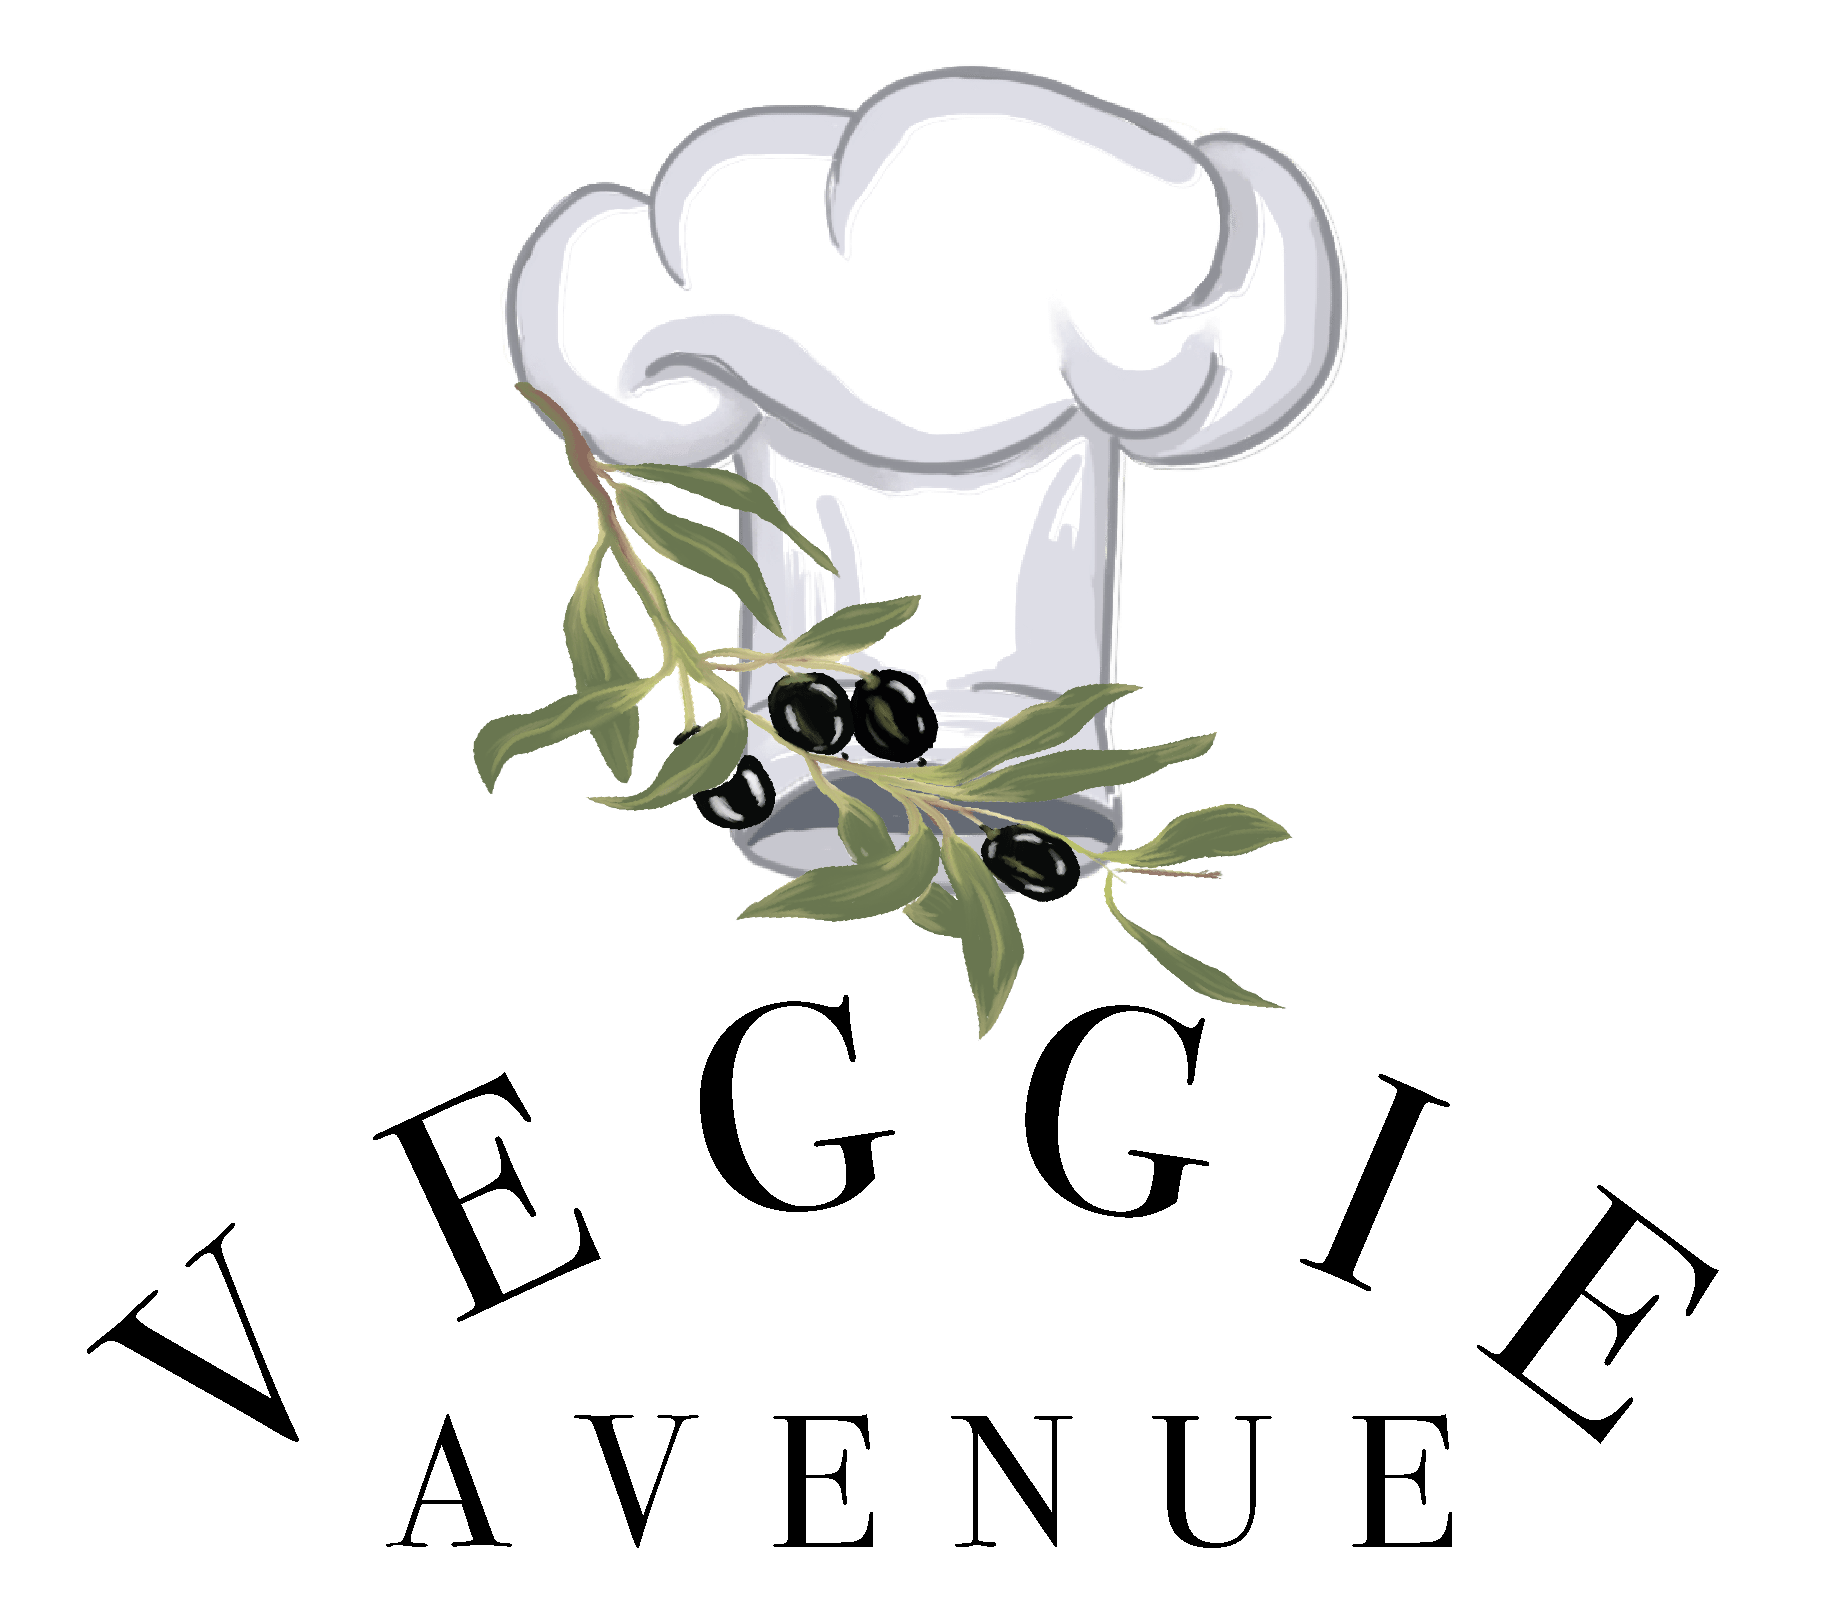 Veggie Avenue